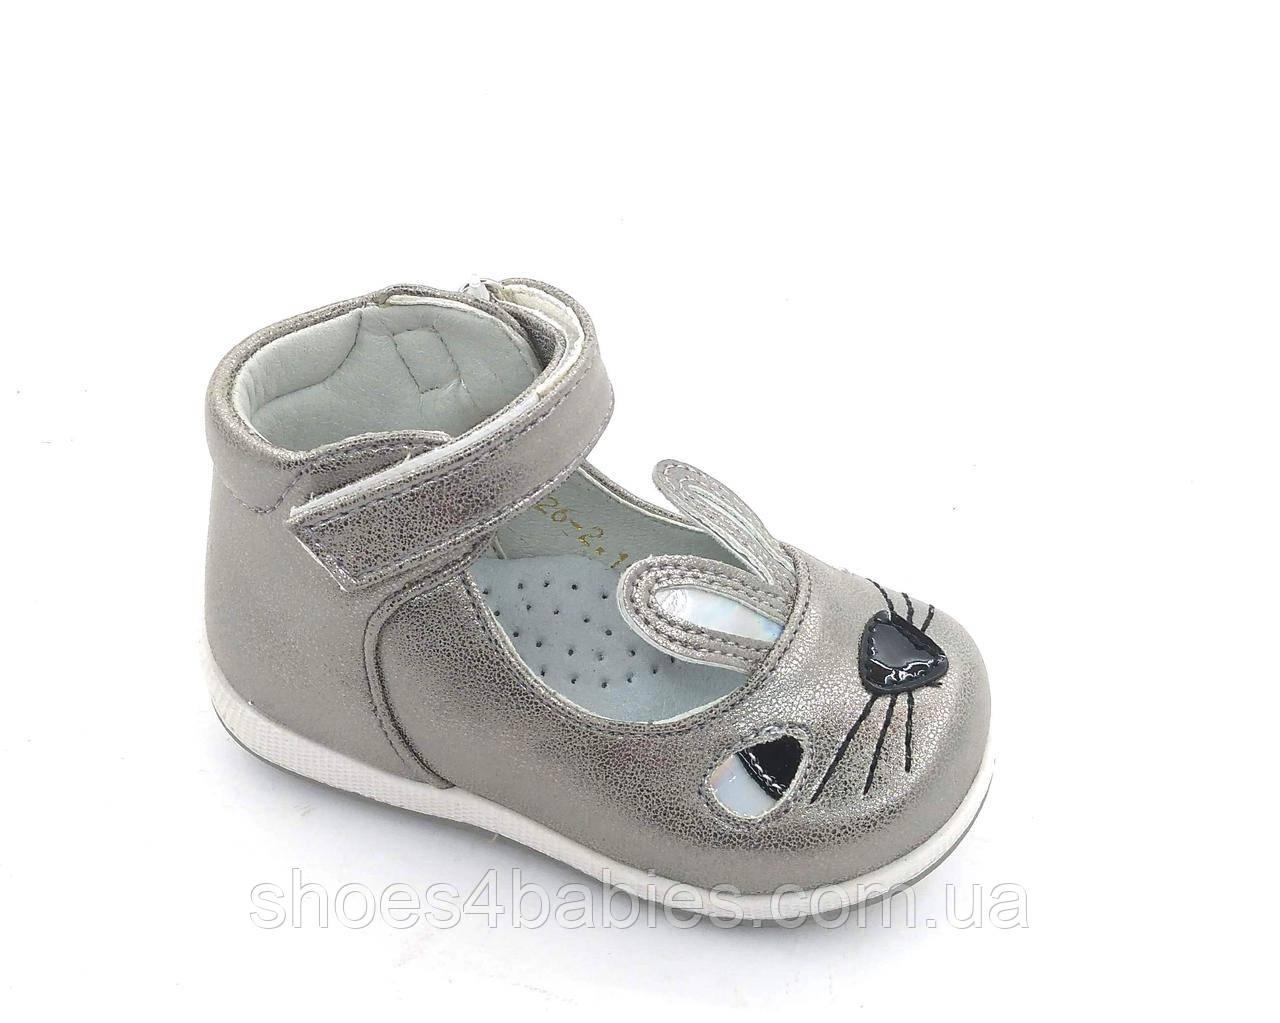 18be5edb8 Детские ортопедические туфли для девочки р. 19-26 - Магазин детской обуви